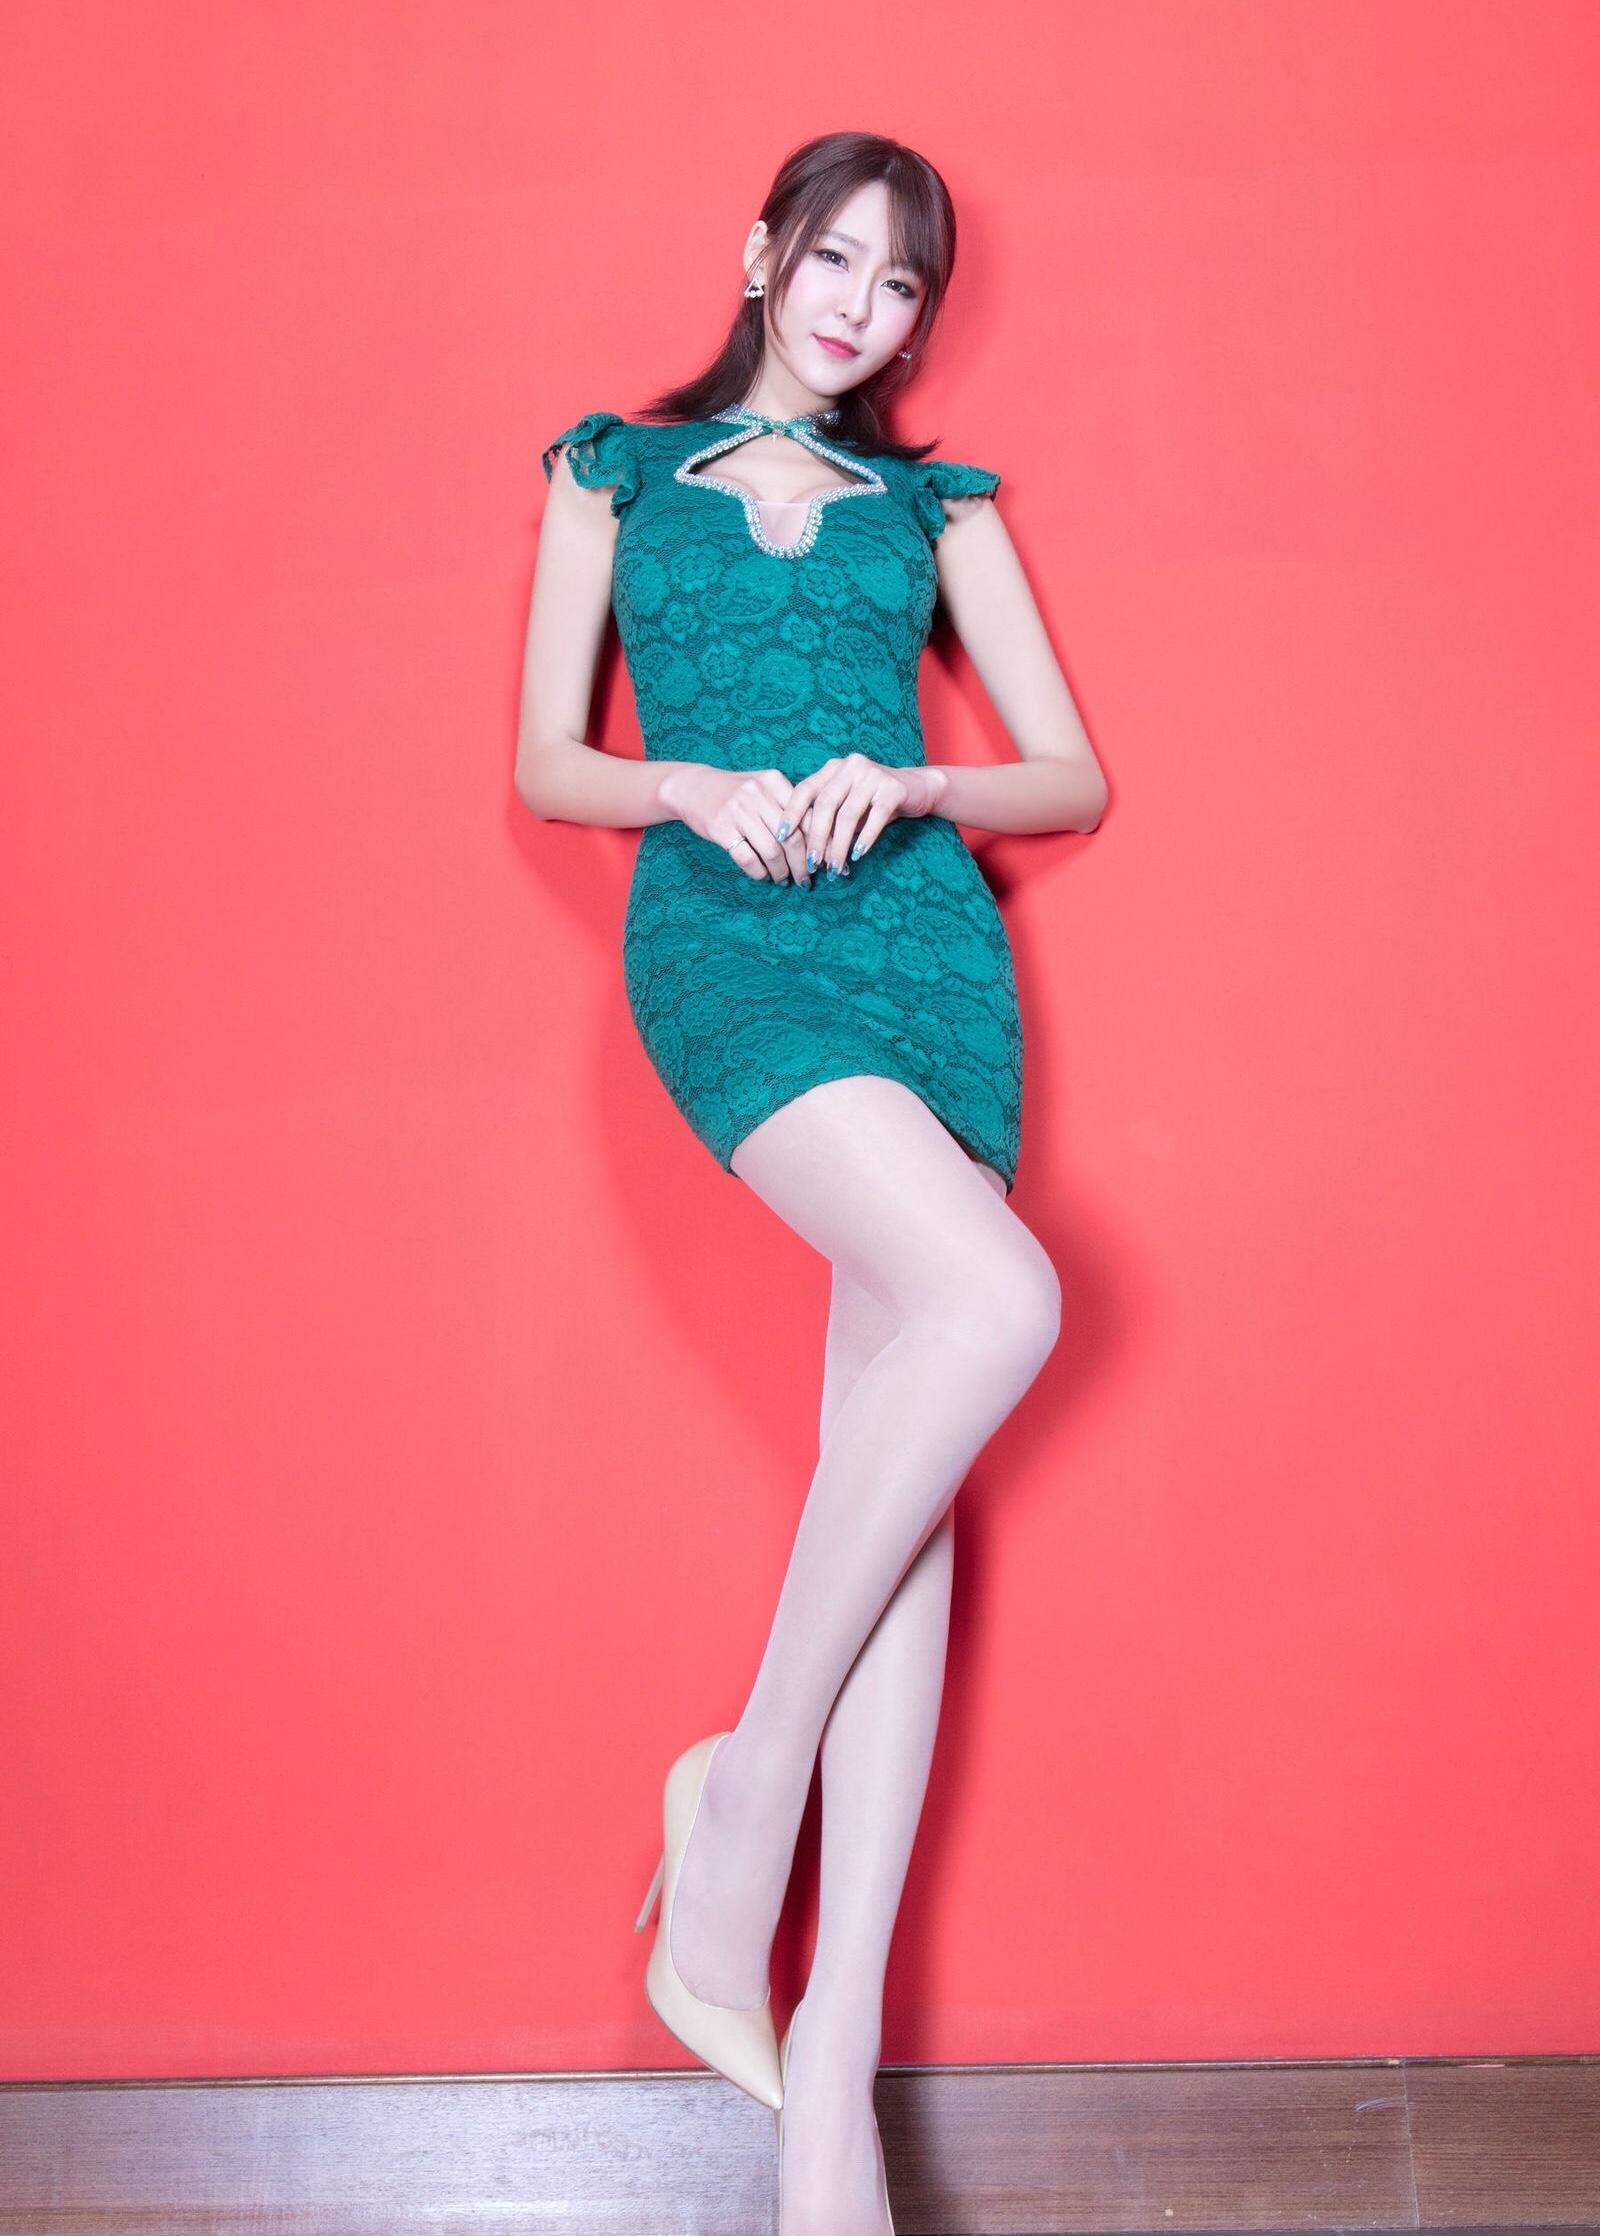 Winnie小雪(旗袍美腿)